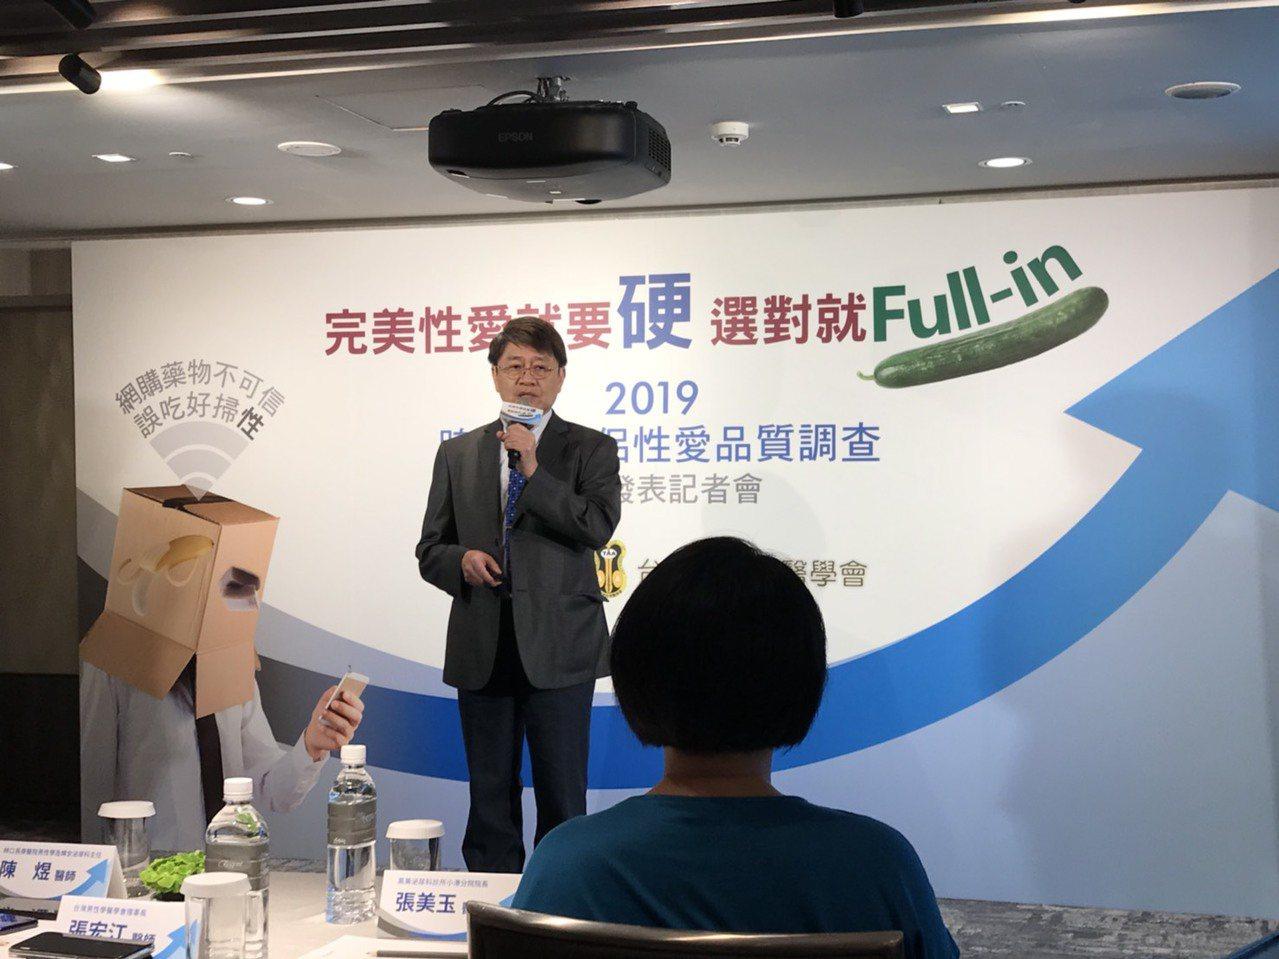 張宏江說,男性勃起硬度不足的比率,會隨著年齡增加而上升,部分結合糖尿病等共病、部...